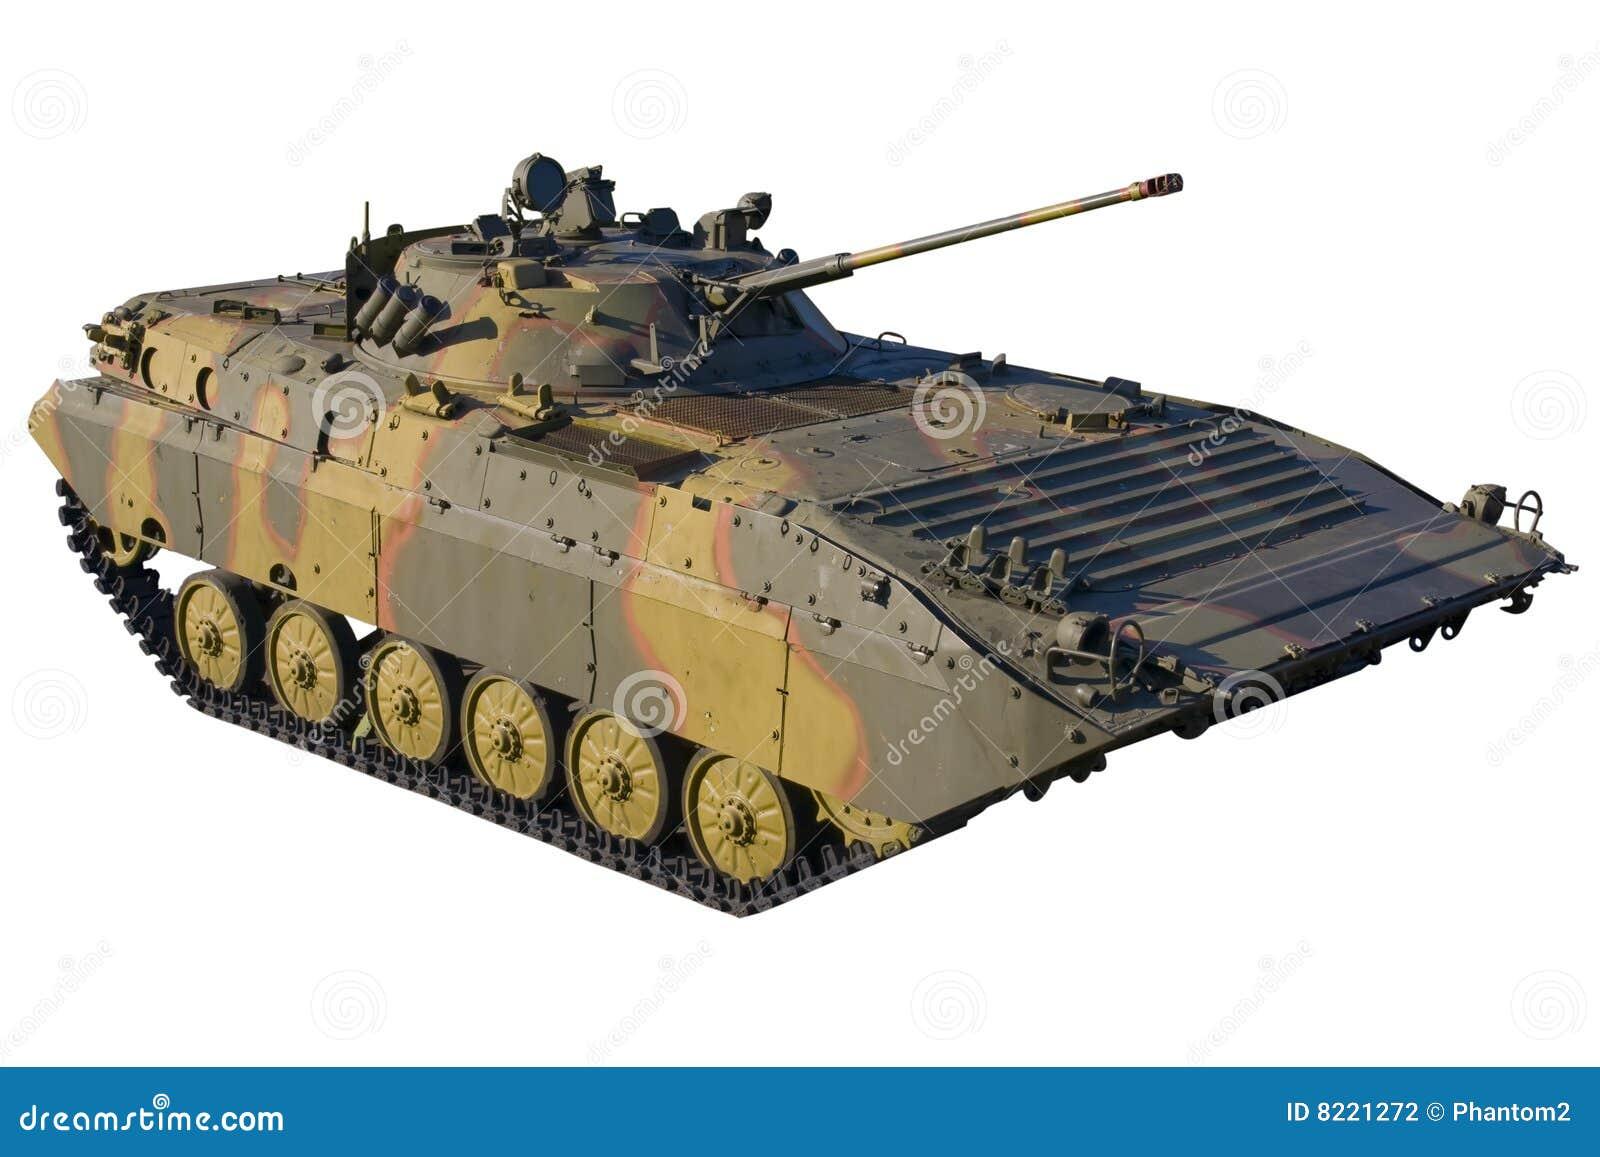 2 bmp piechoty walczący pojazd